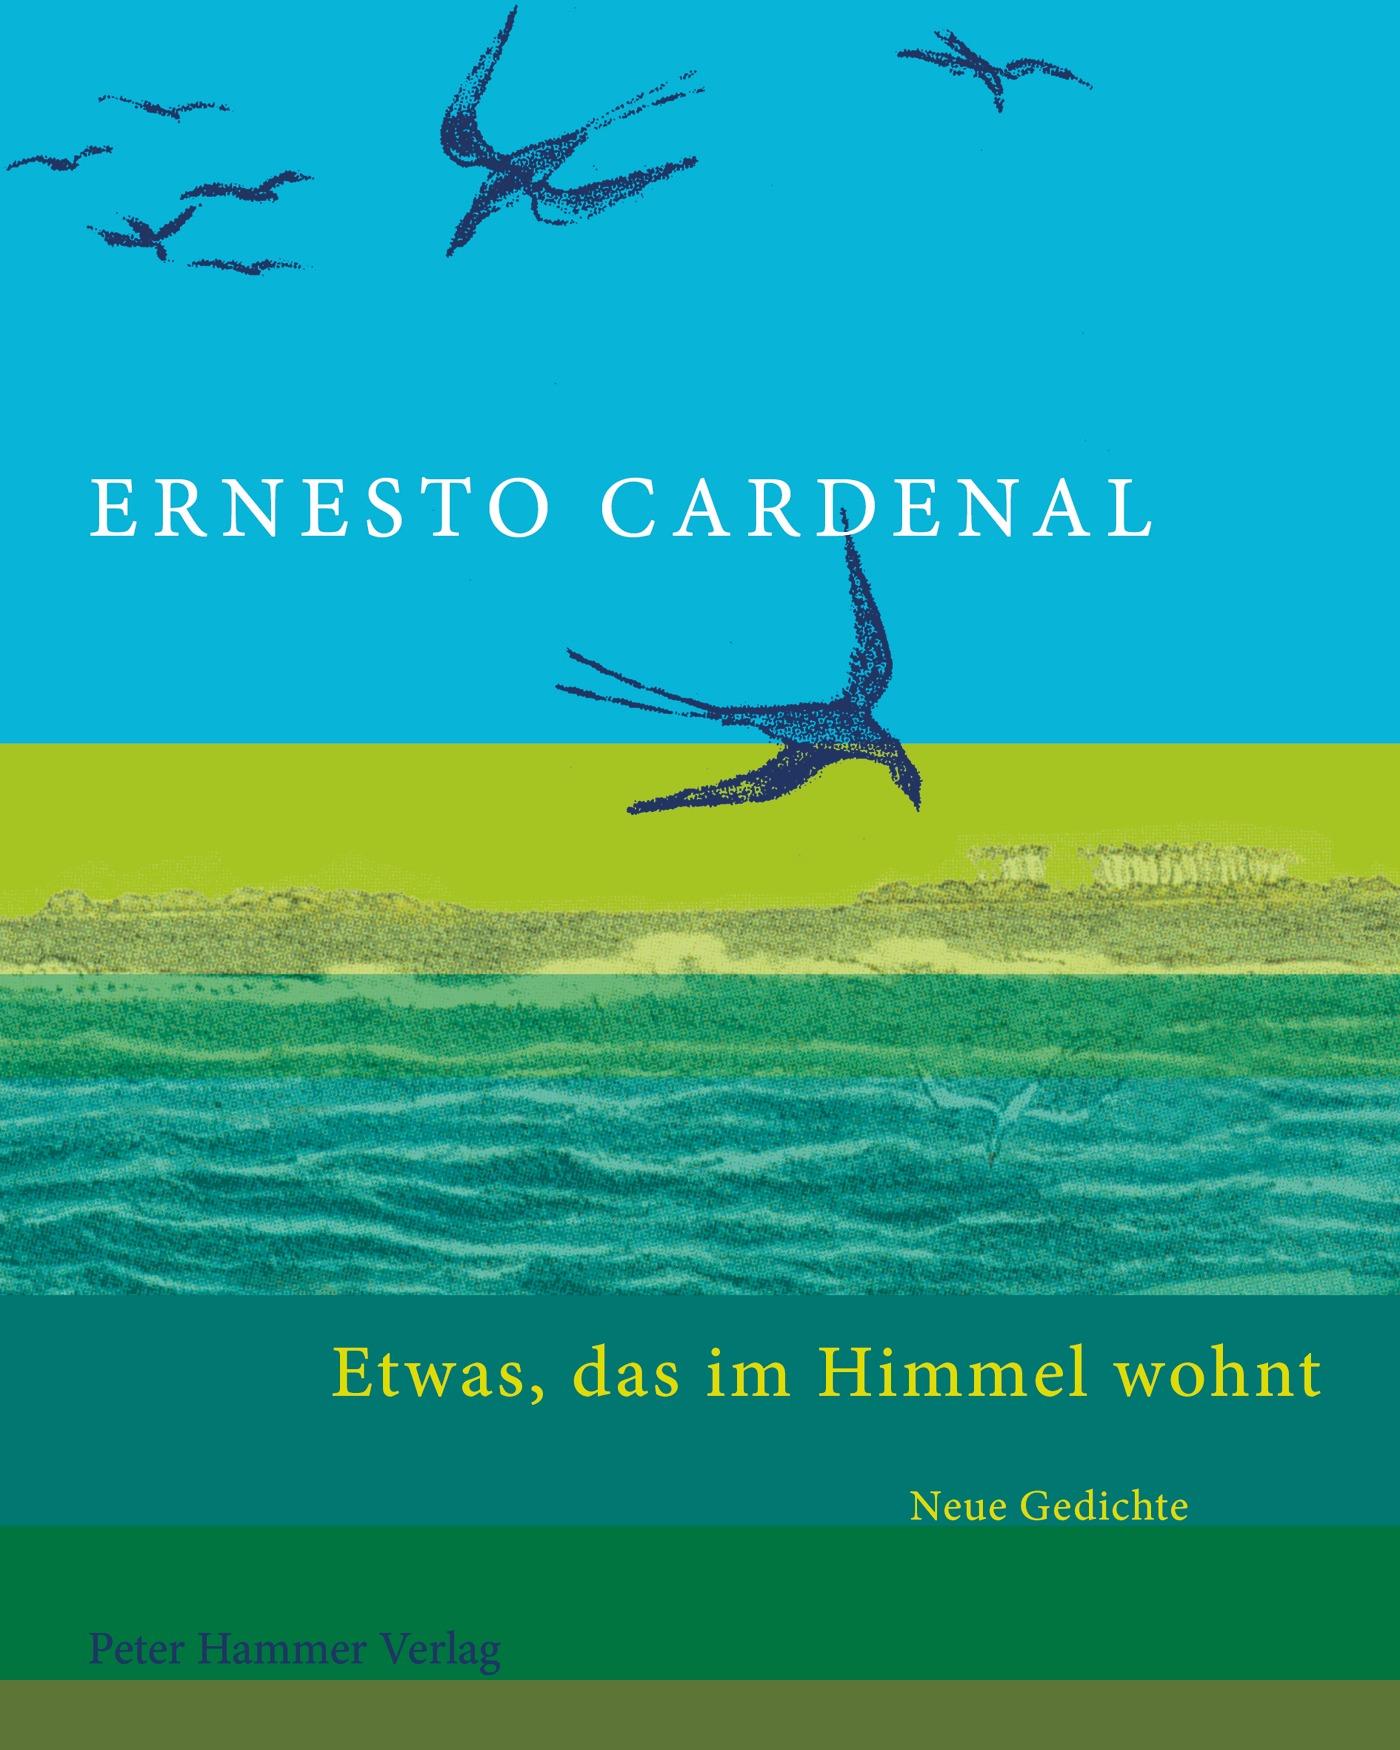 Etwas-das-im-Himmel-wohnt-Ernesto-Cardenal